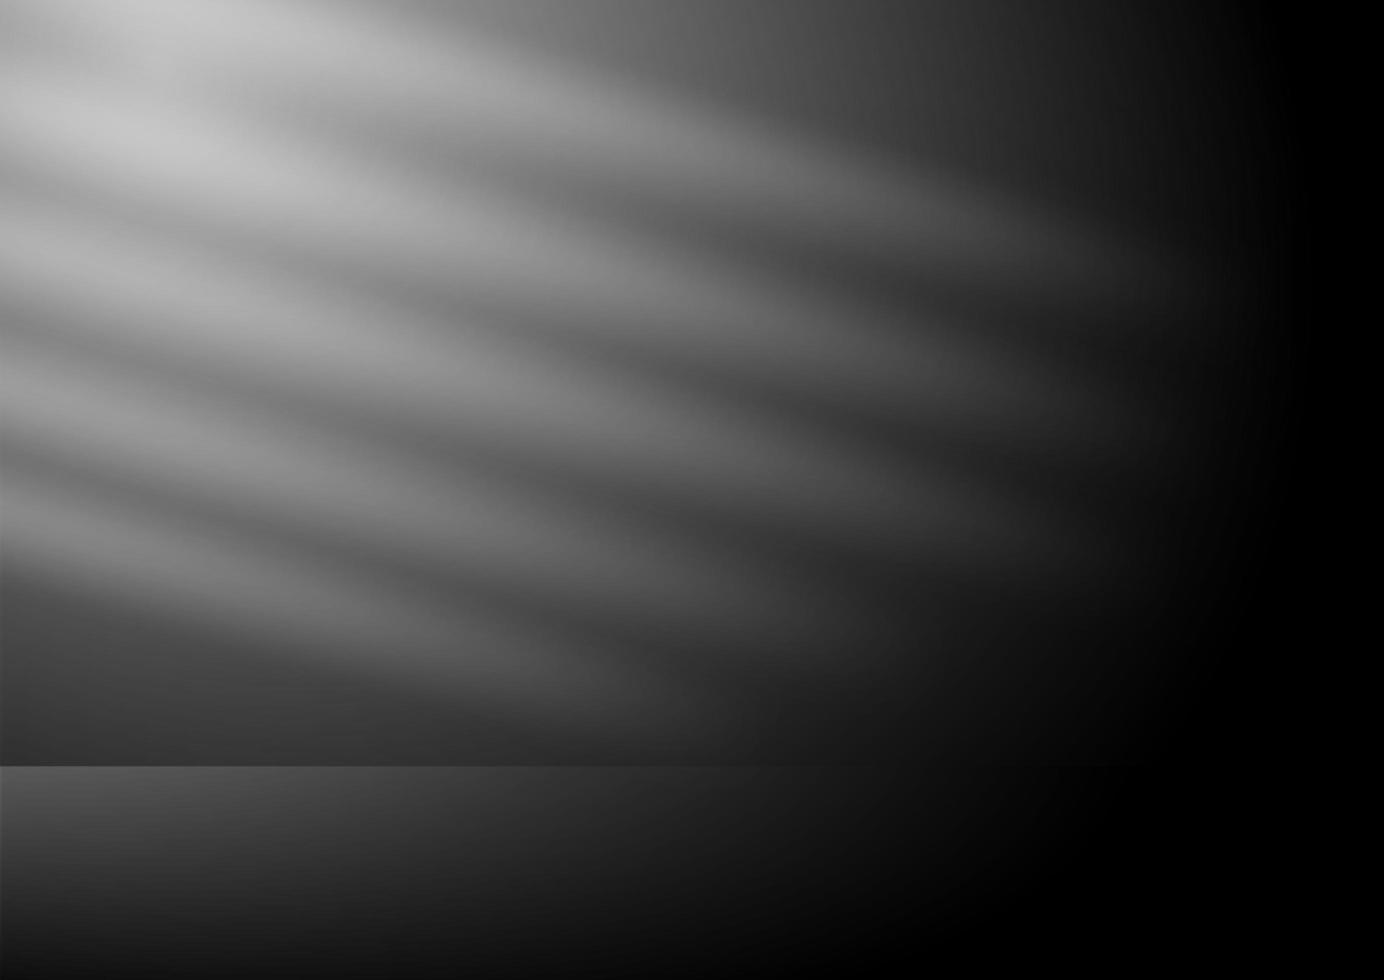 interior do quarto escuro com fonte de luz vetor